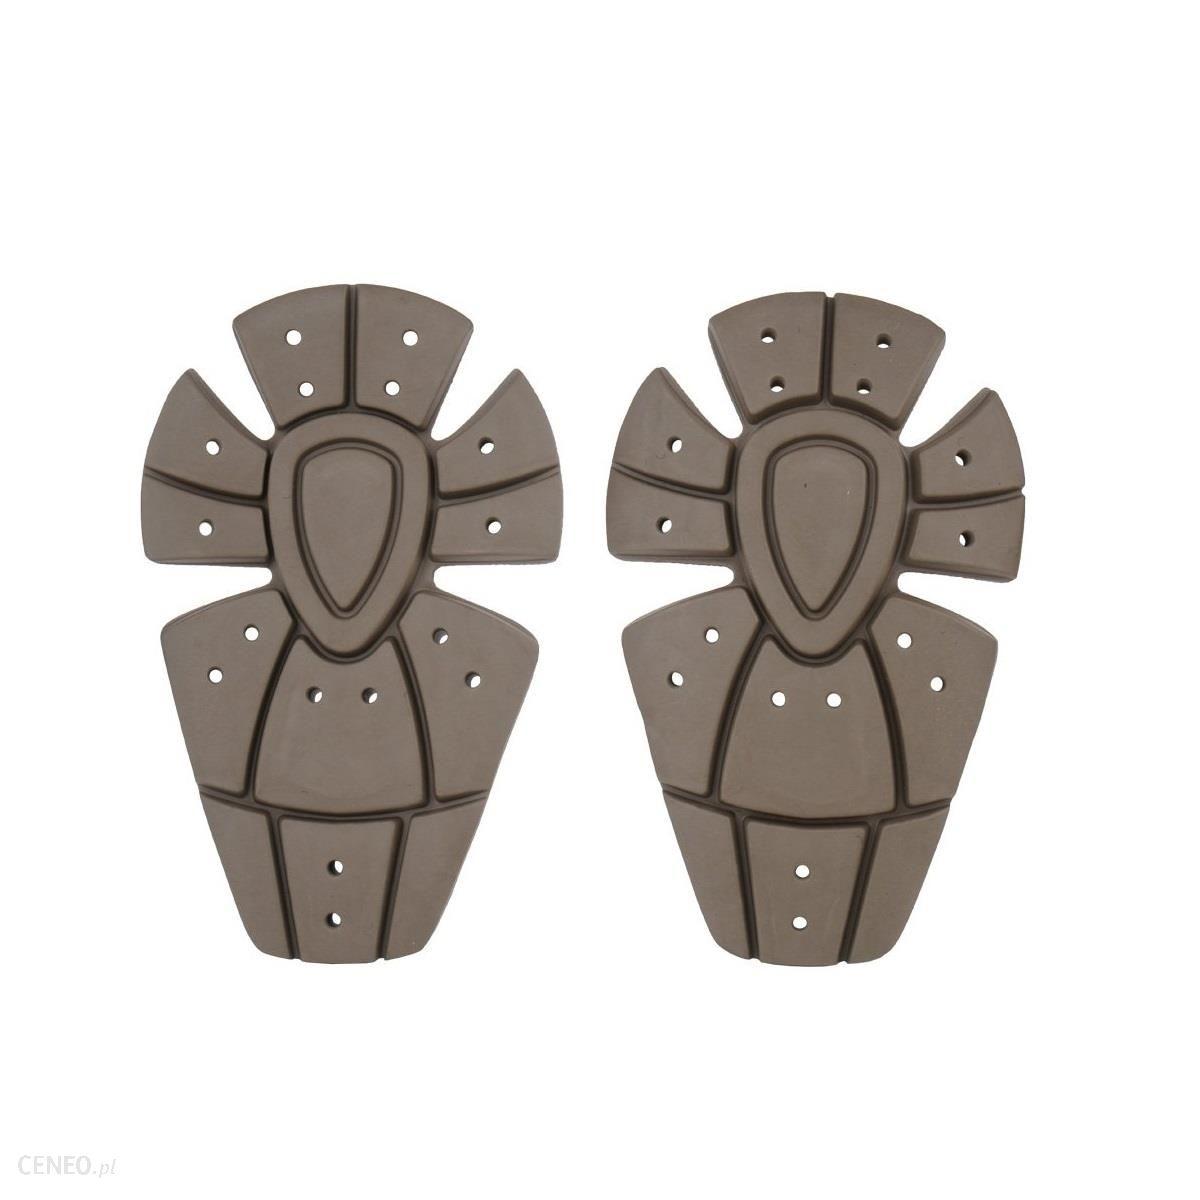 Condor Wkłady Ochronne Na Kolana Brązowy (221130-019) (28502) Sp